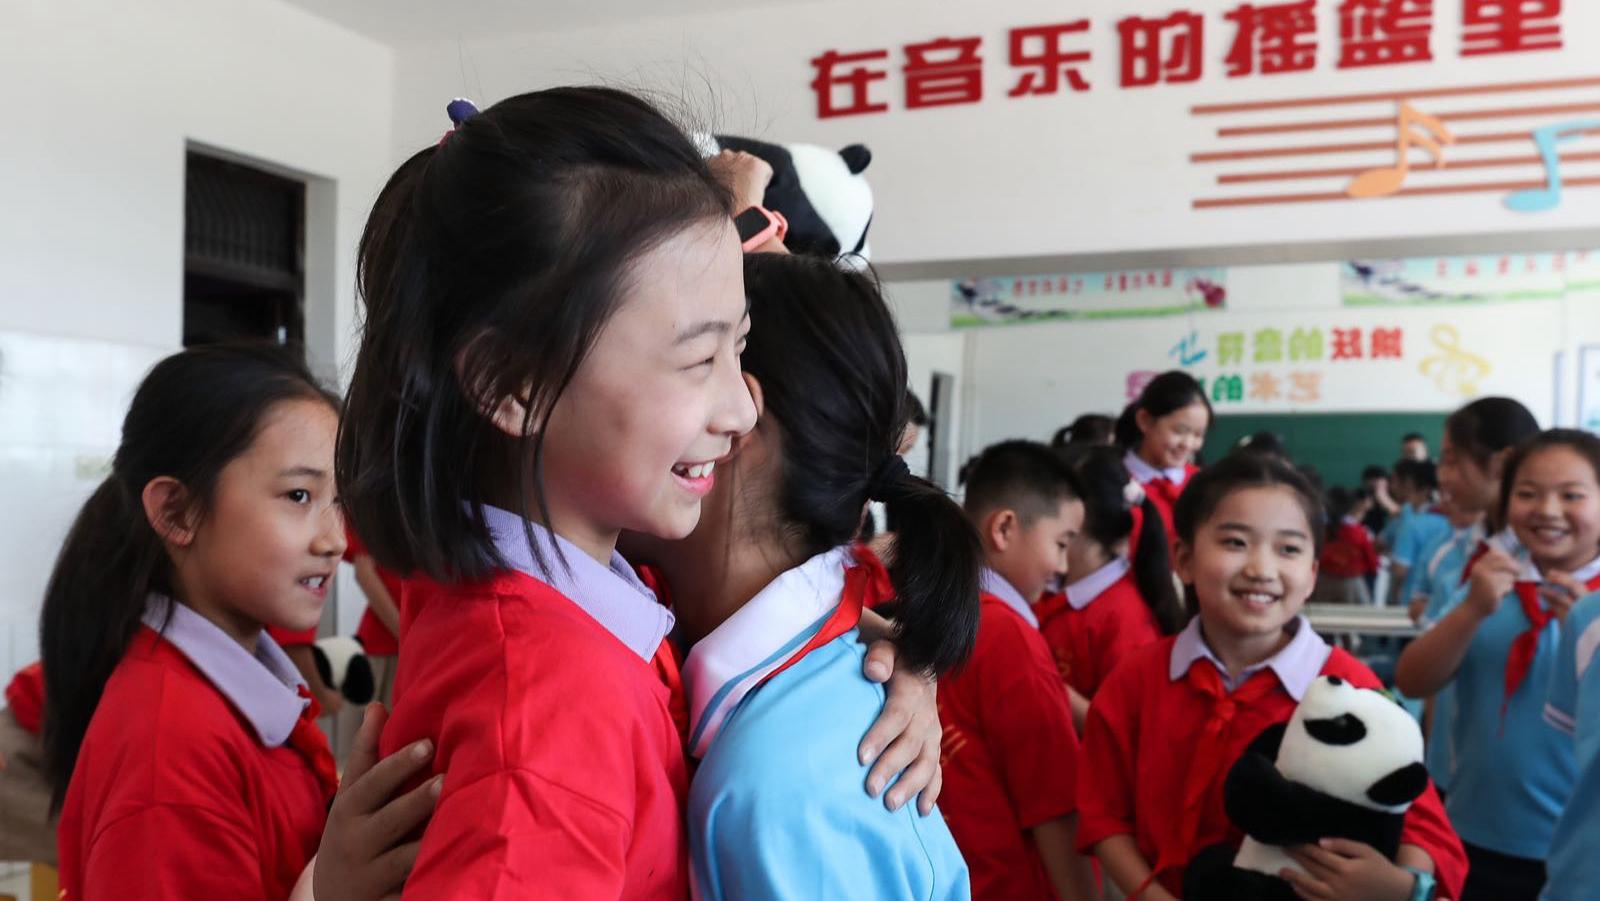 【中国雄安新闻】乡村小学嫁接优质教育资源 河北师范大学附属小学雄安校区揭牌